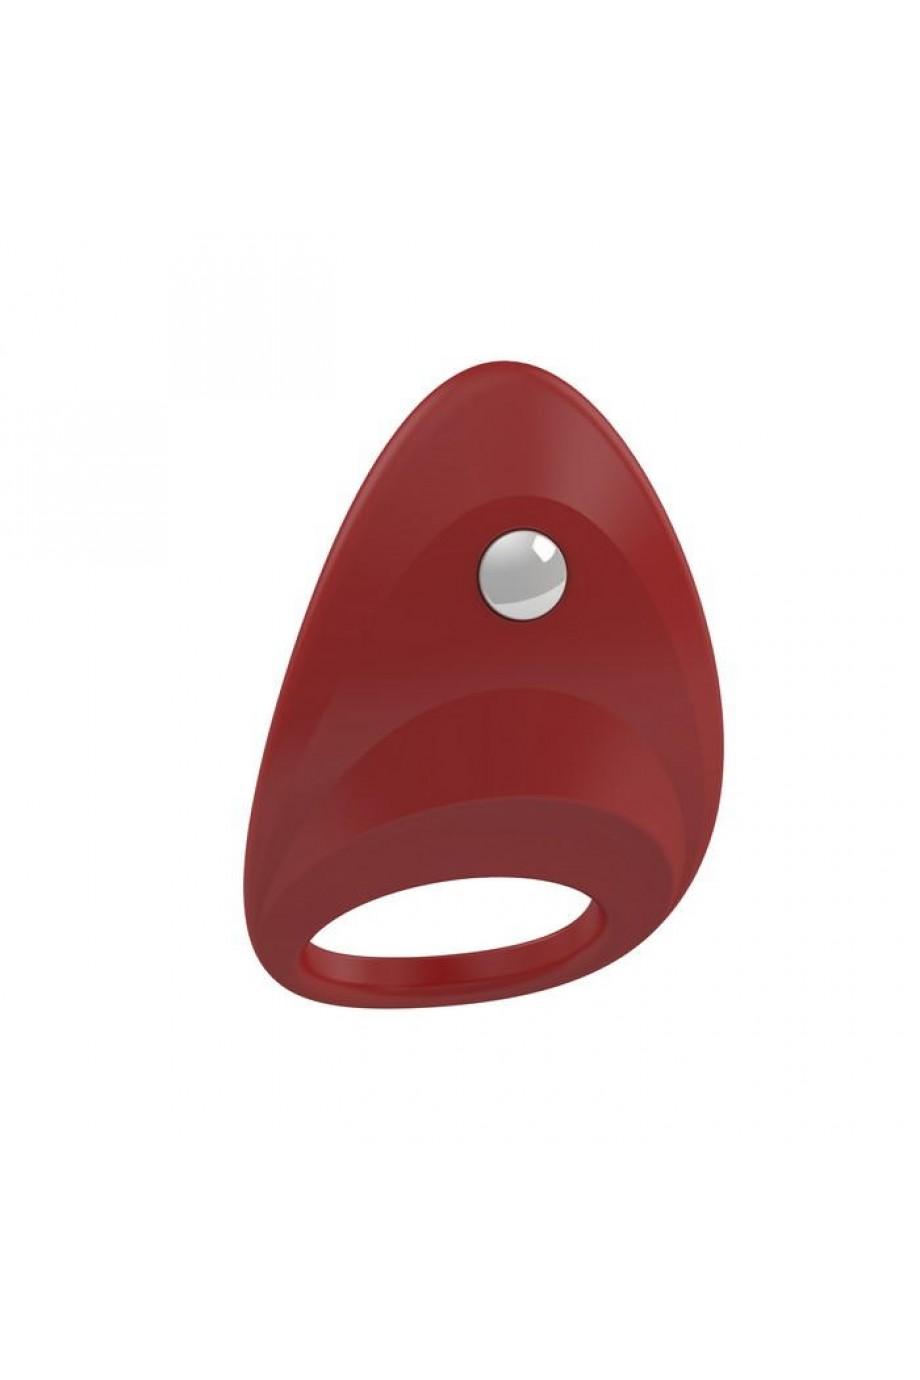 Эрекционное кольцо OVO динамичной и современной формы, силиконовое, красное